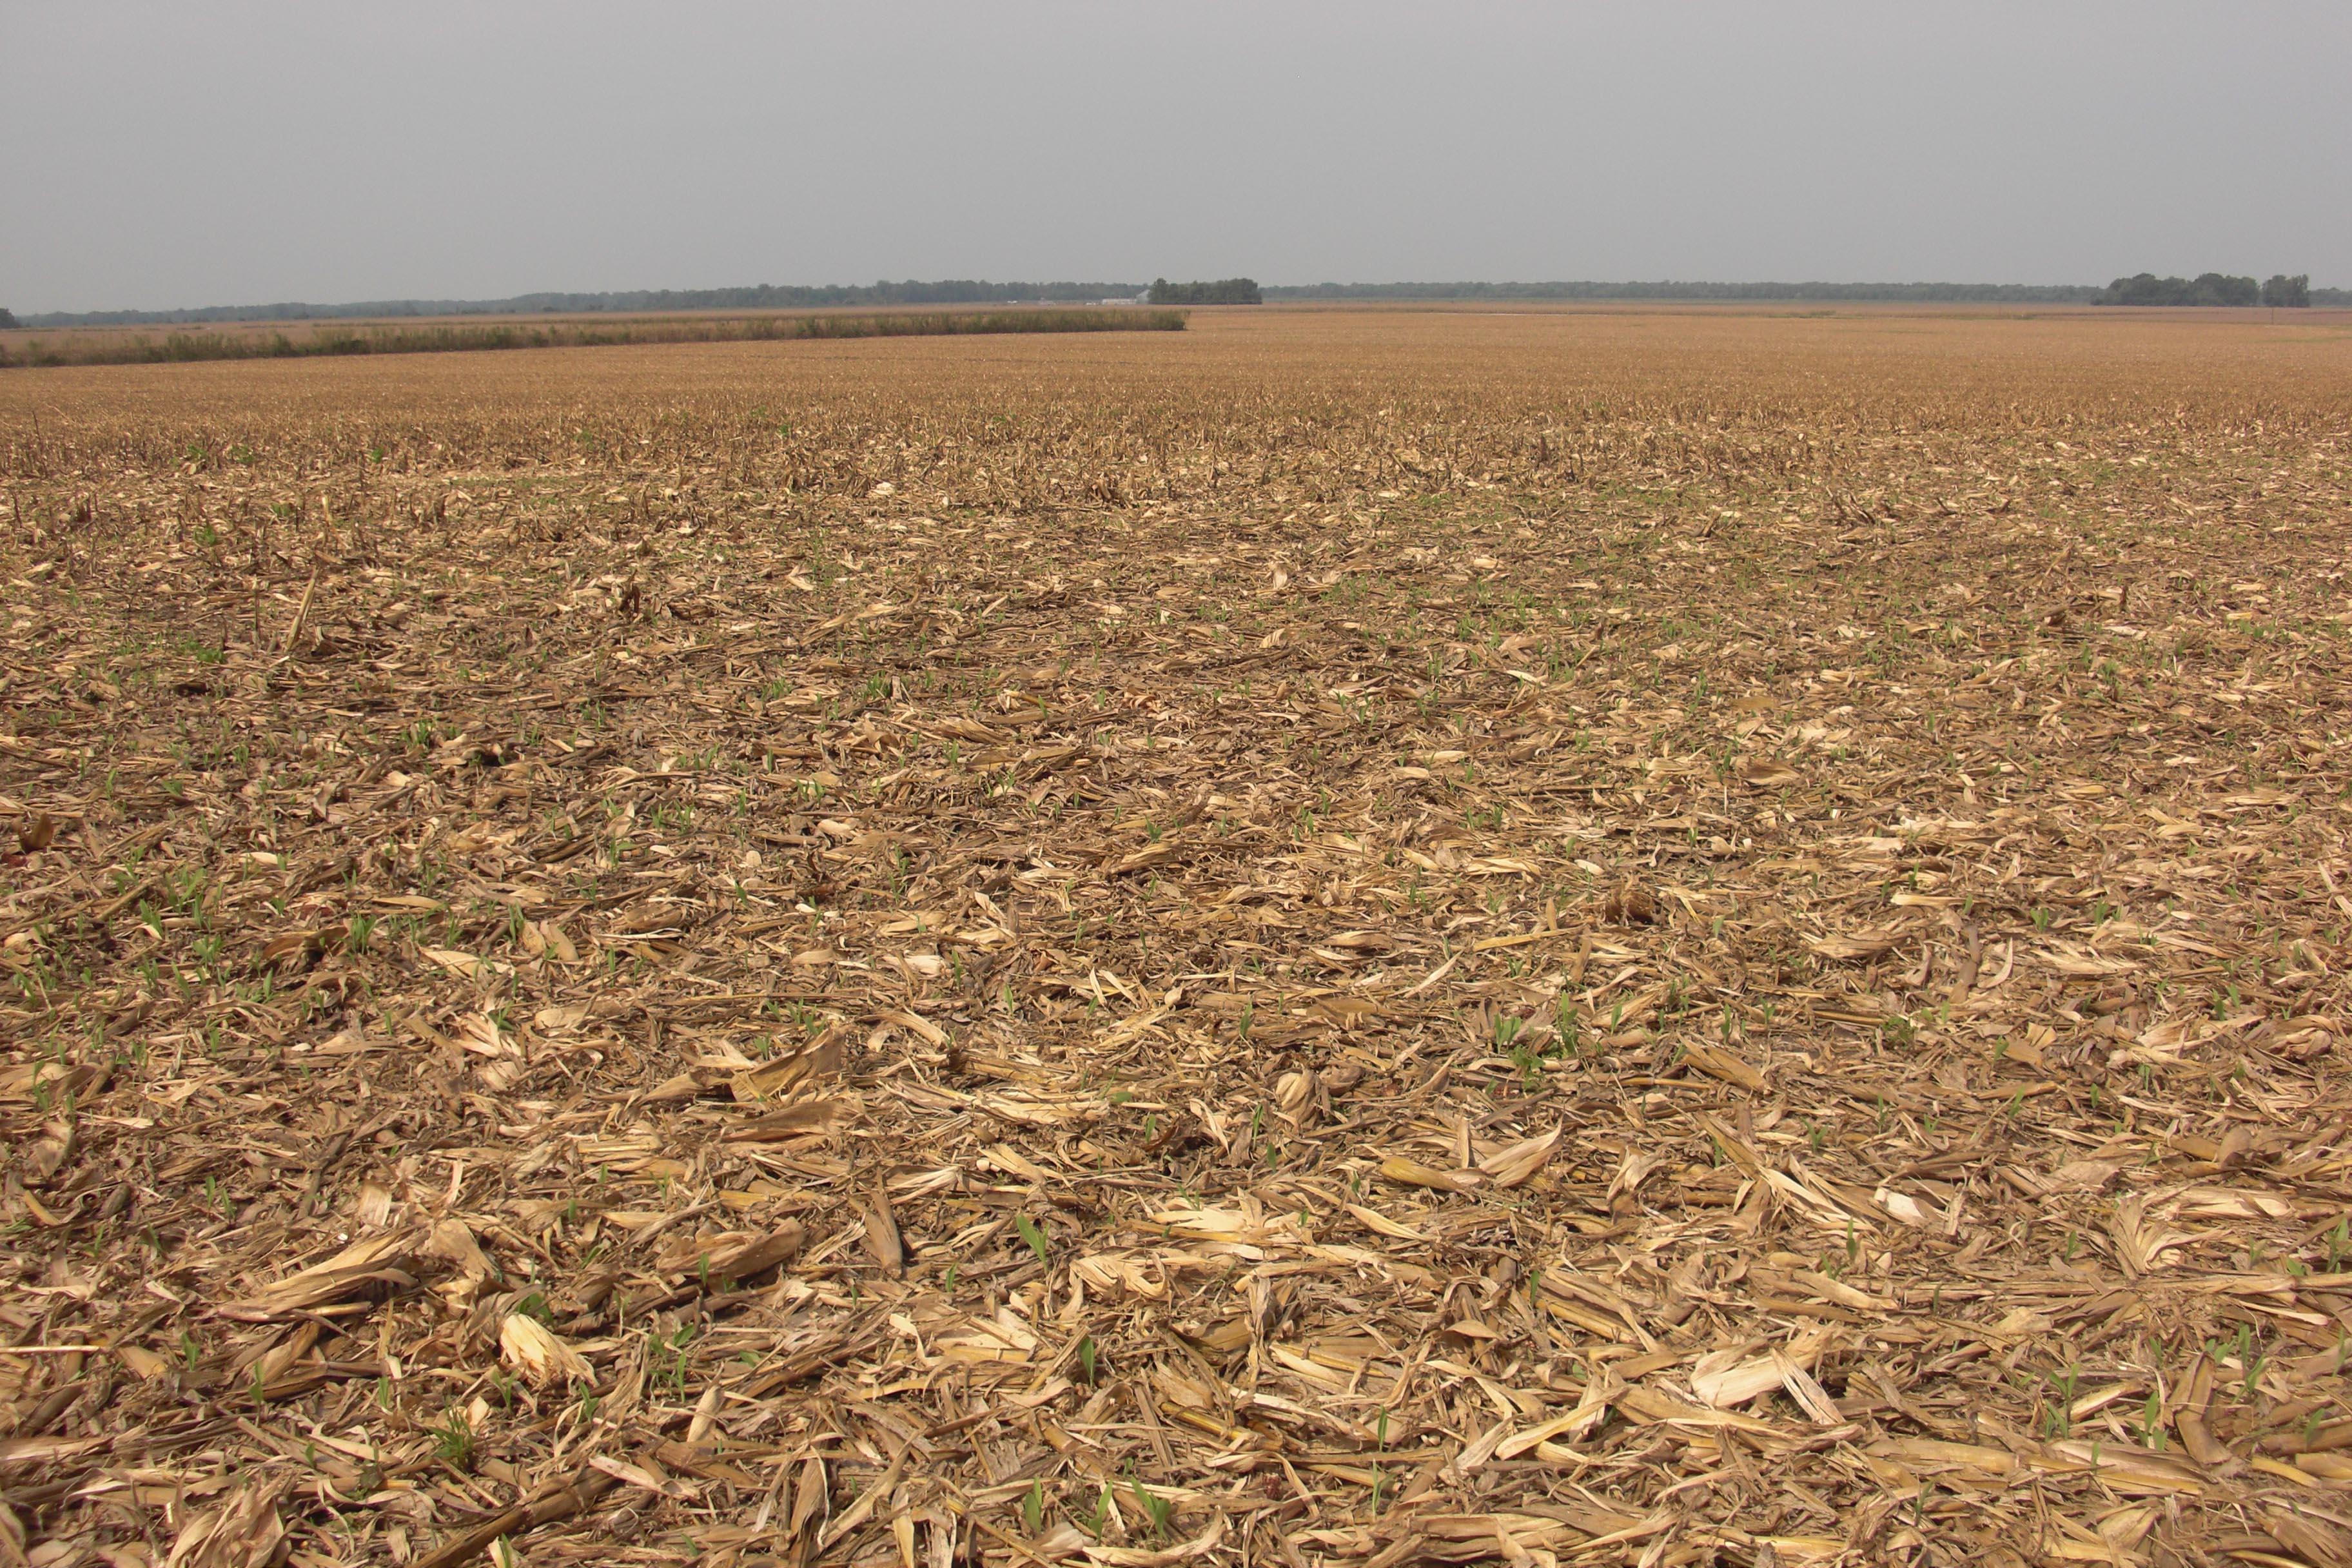 QAnon 18 April 2020 - Harvested_corn_field